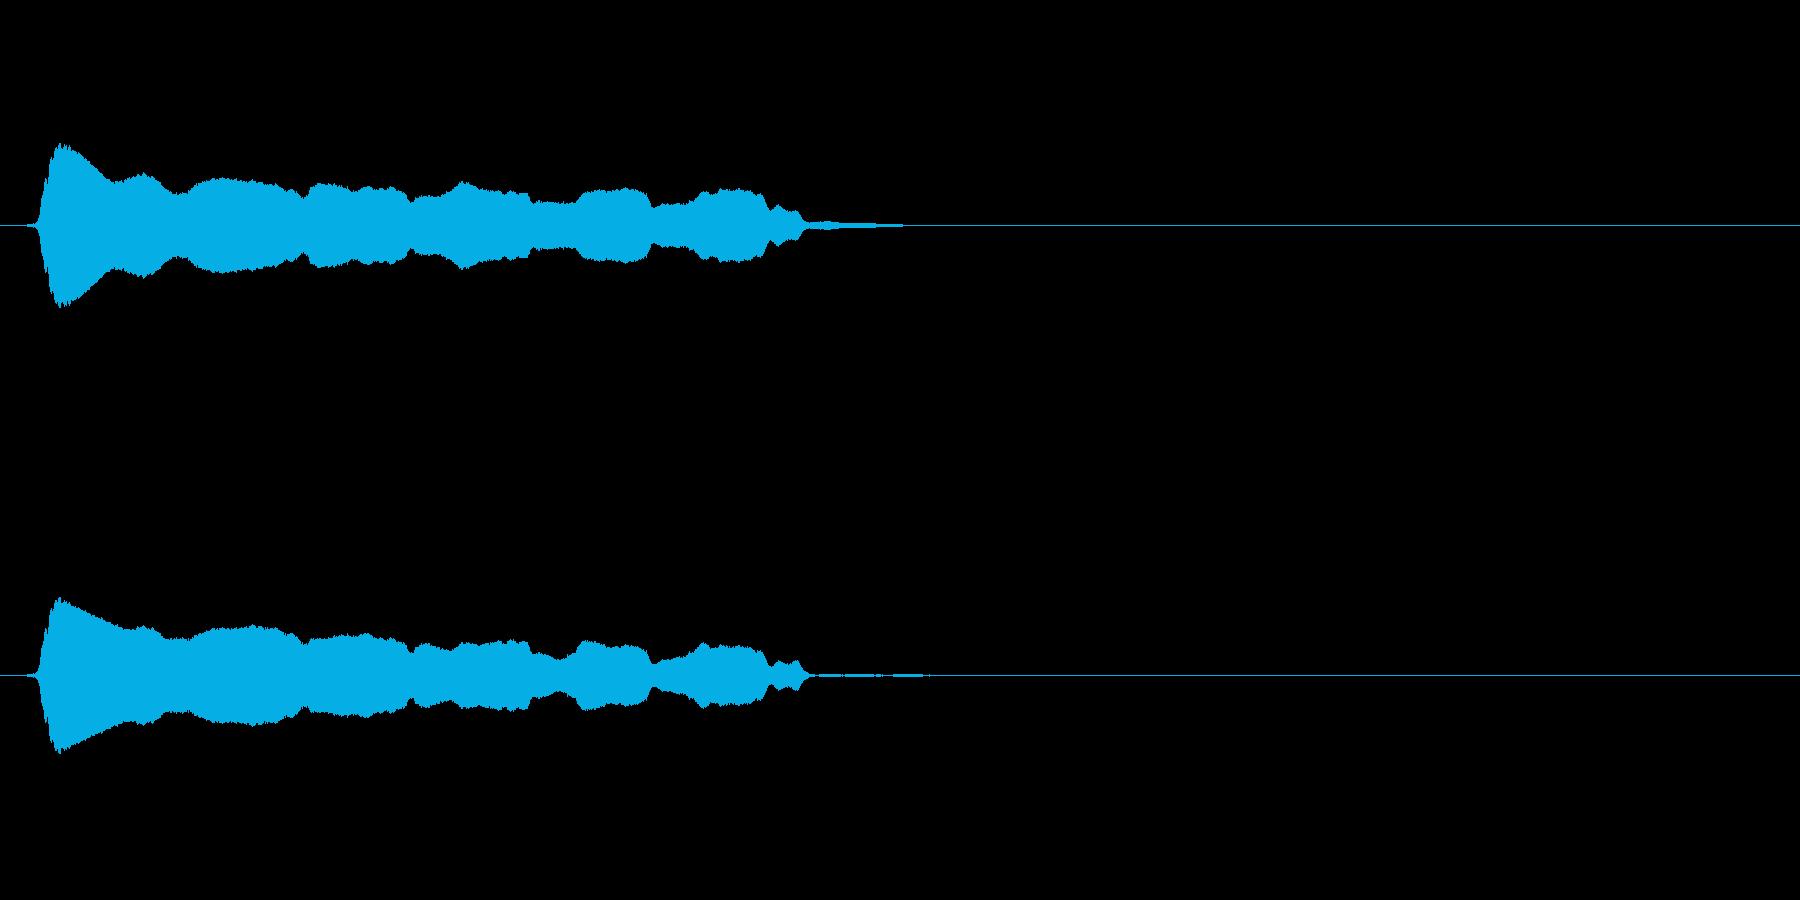 長い「ピーーー」というホイッスル(笛)音の再生済みの波形